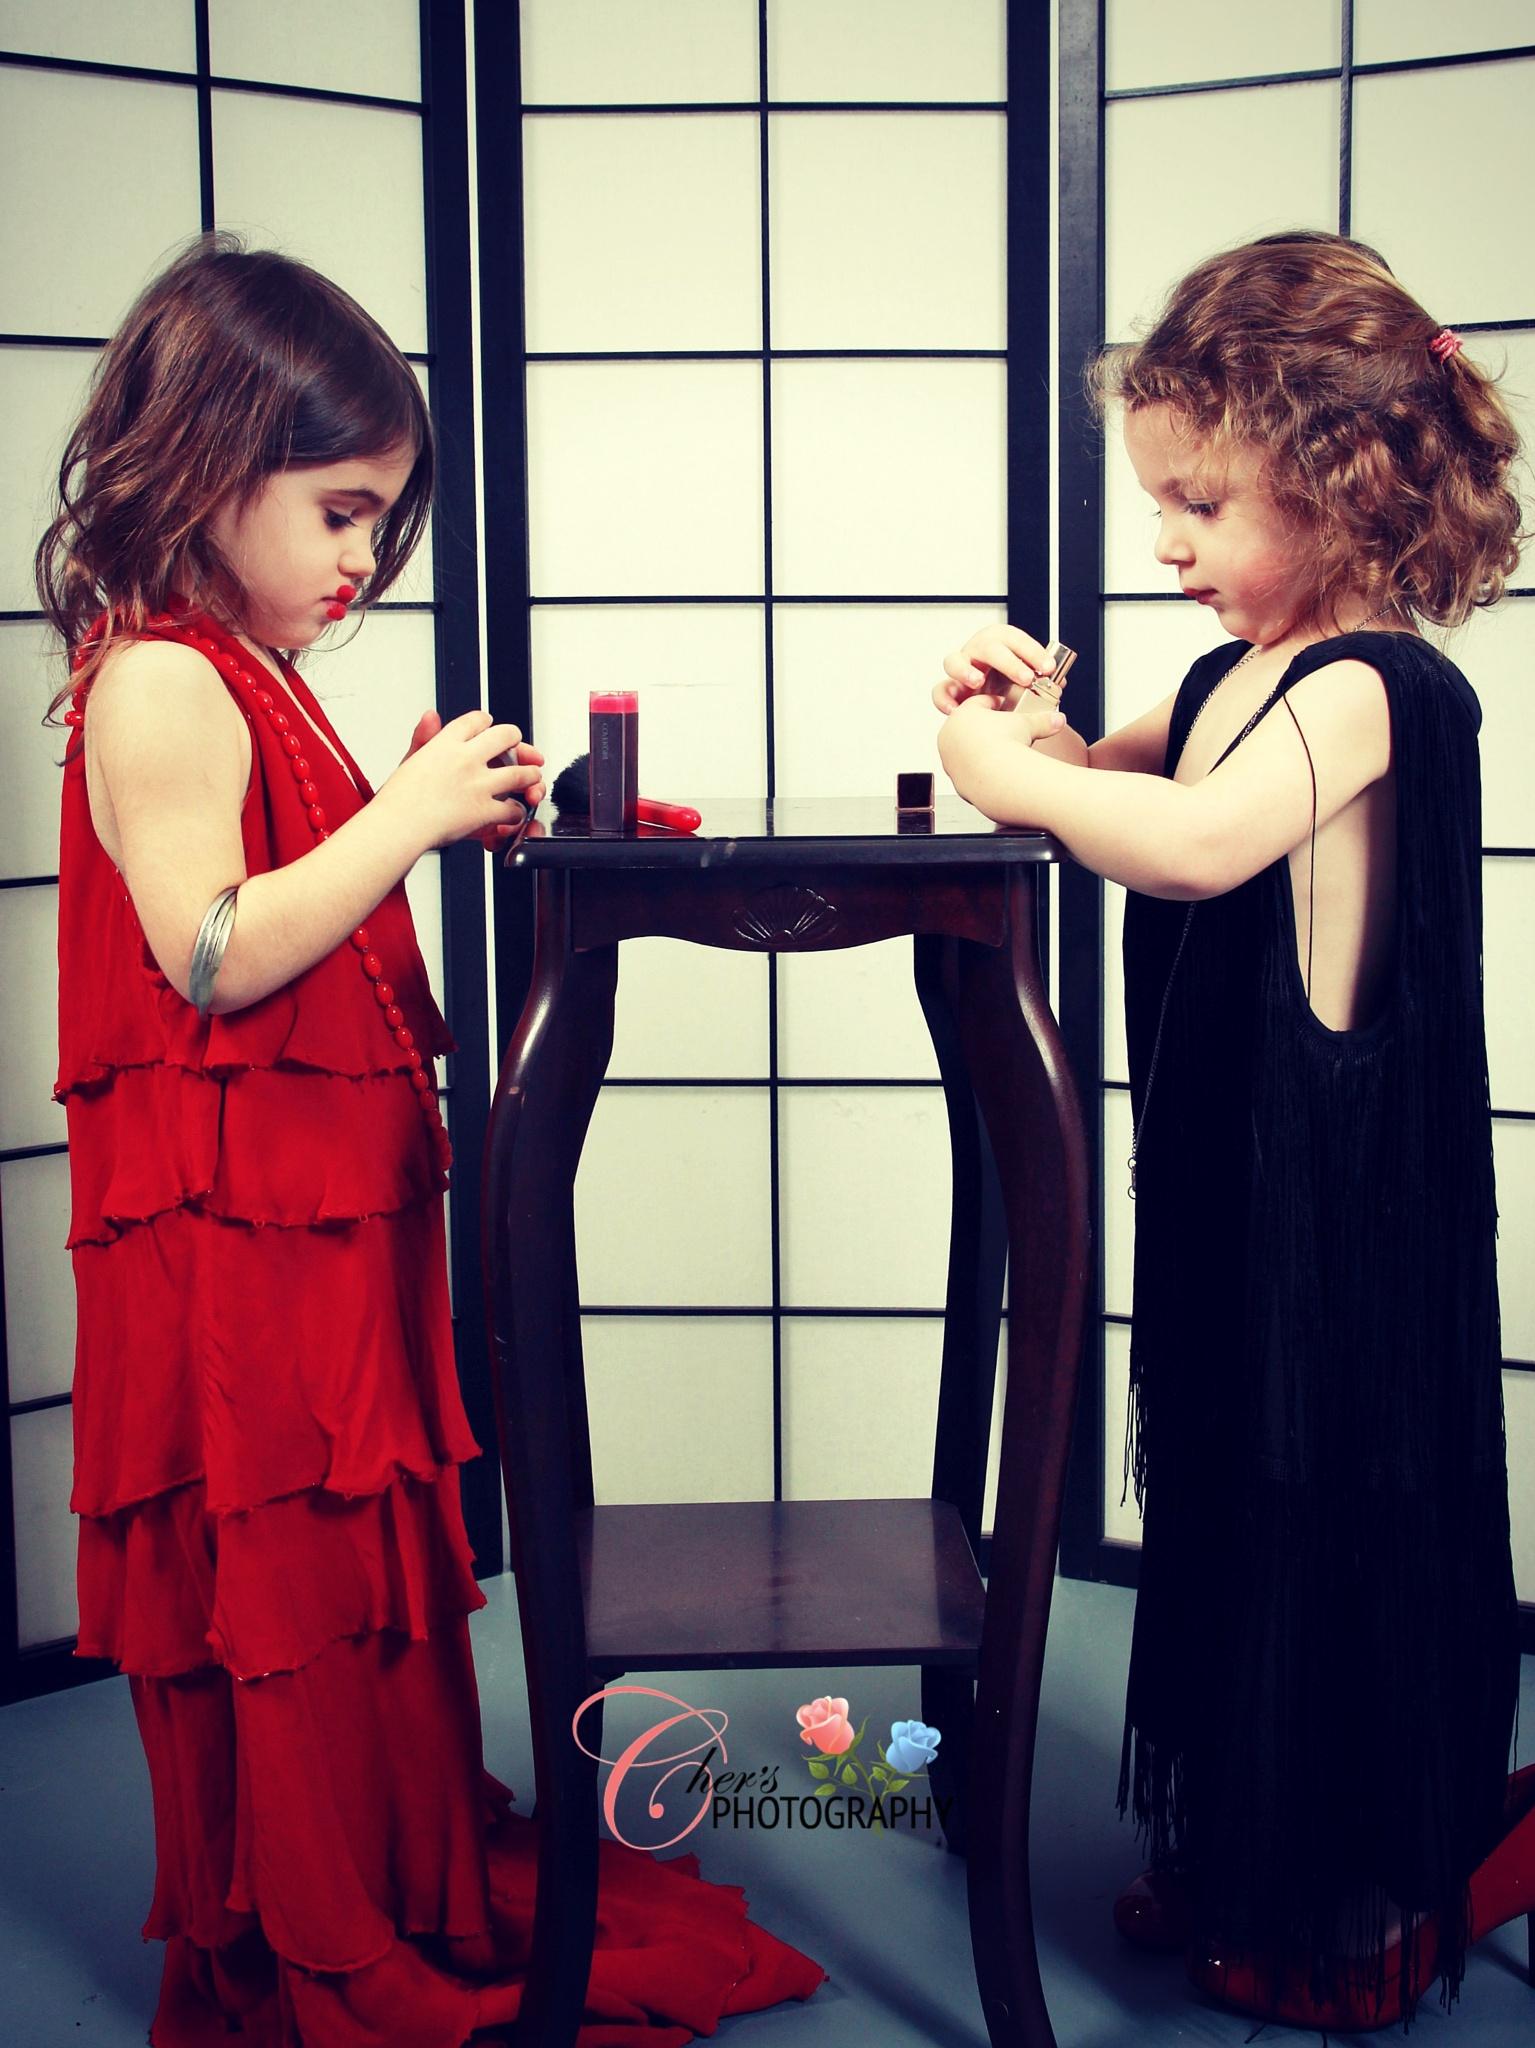 Girls Day by Cheryl Gunhouse Chersphotography